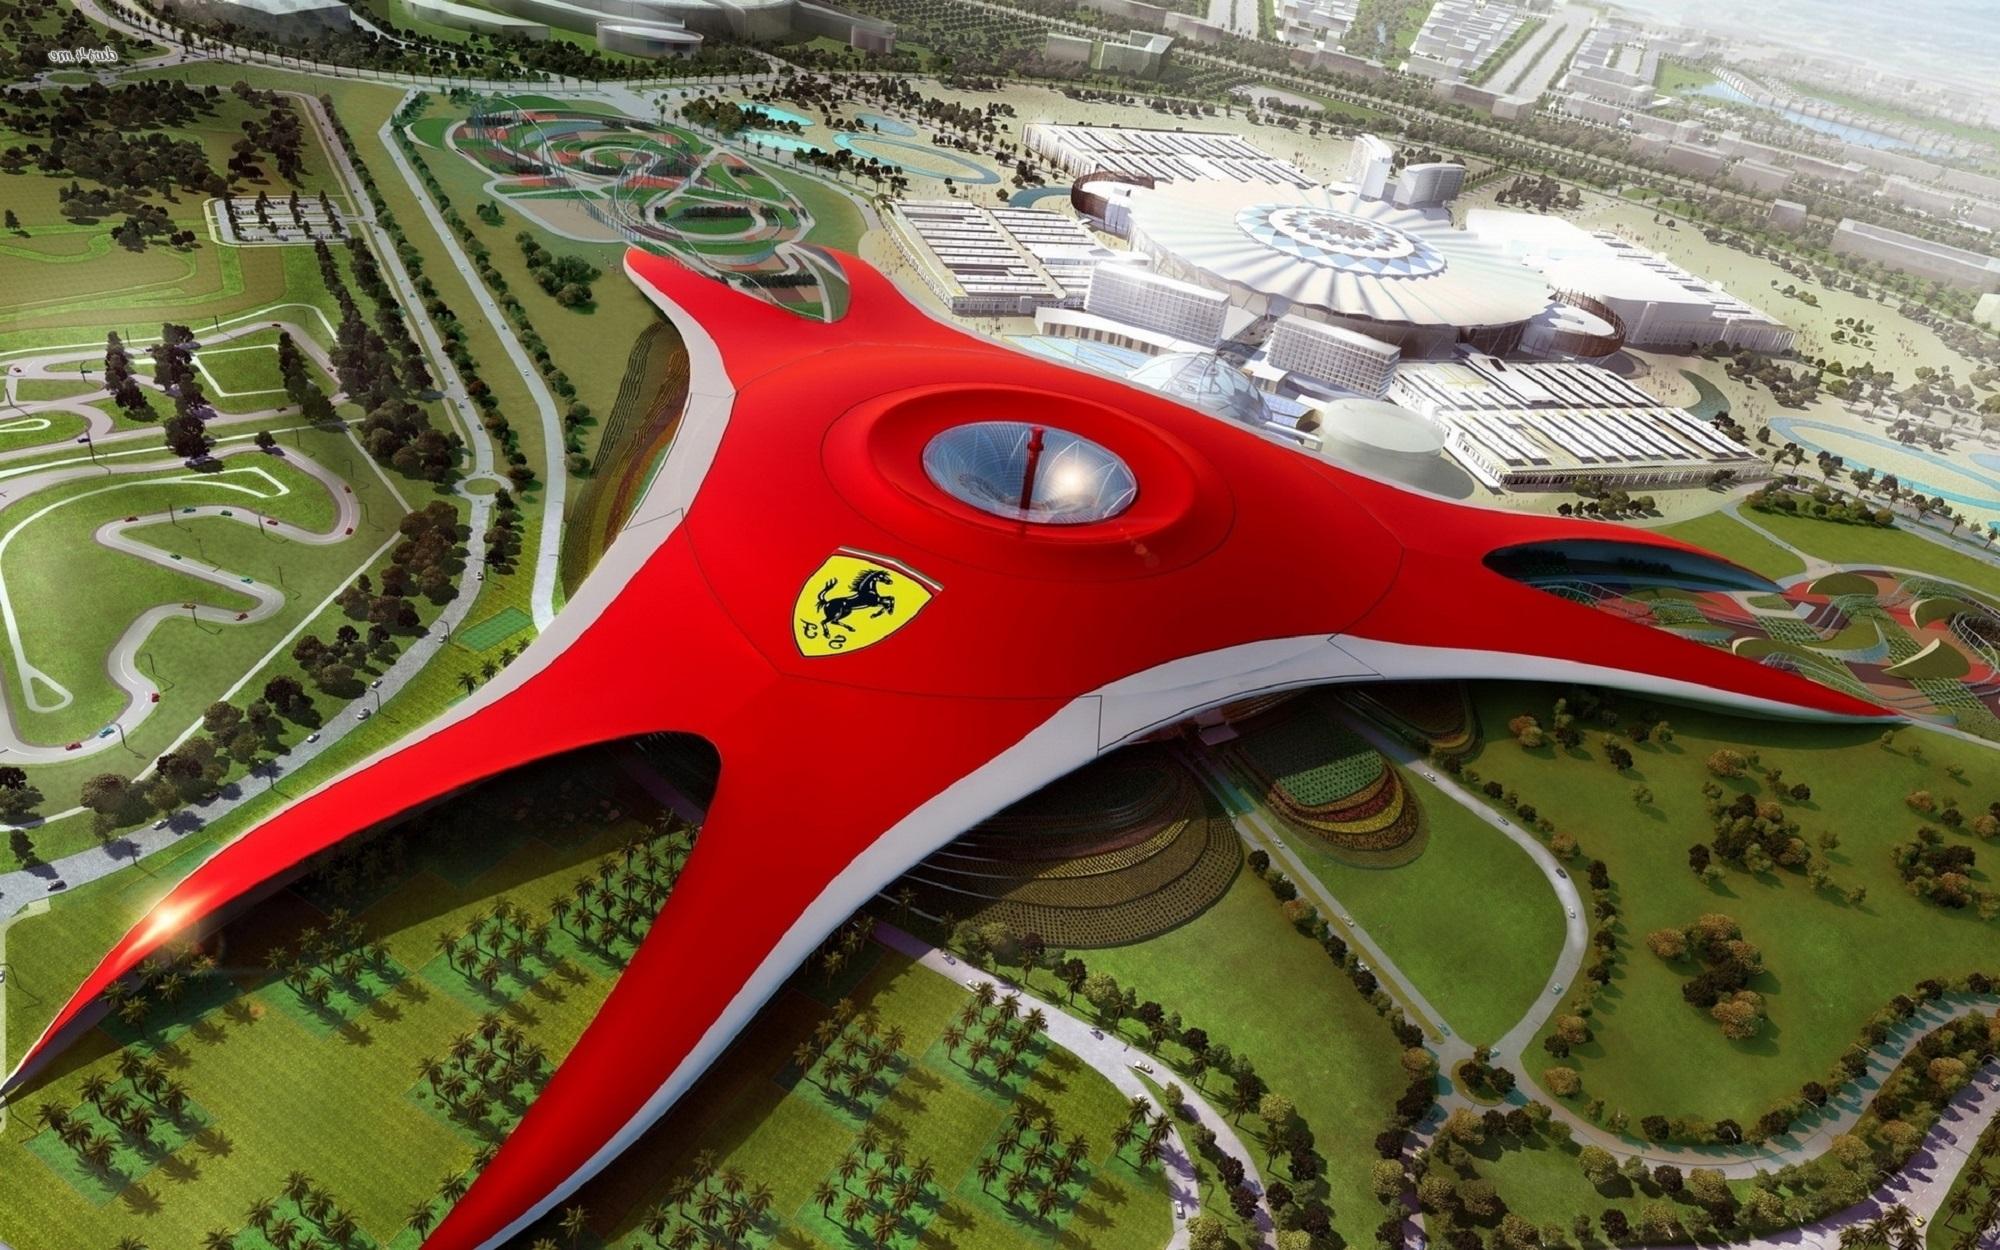 O parque temático Ferrari World está chegando à América do Norte, e Orlando será provavelmente o maior candidato